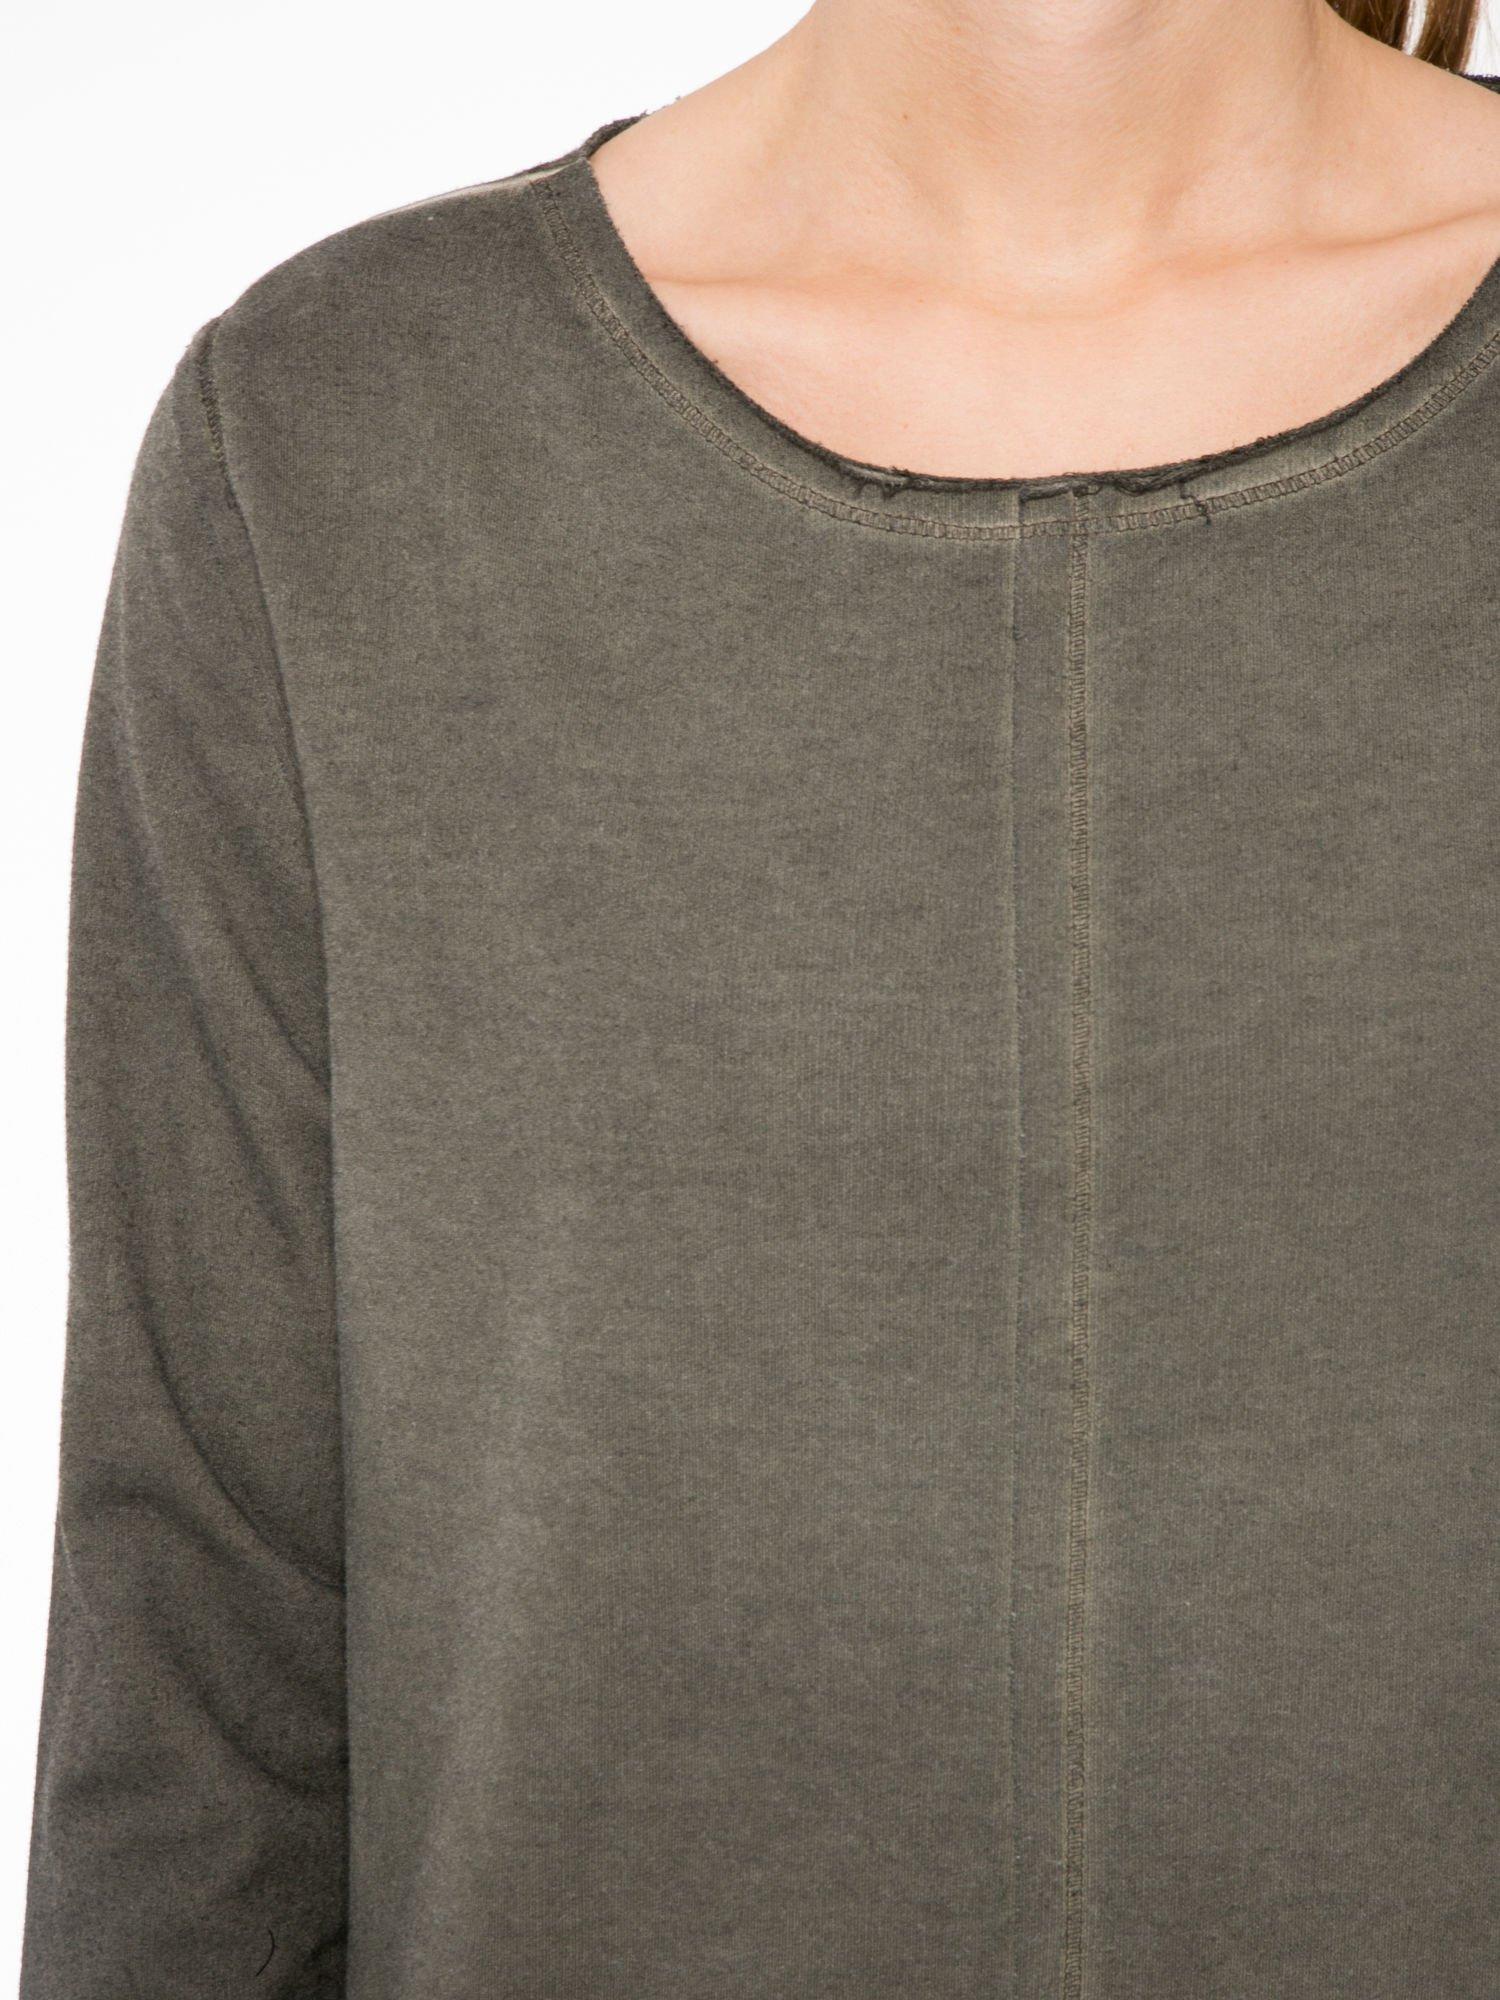 Khaki bluza z surowym wykończeniem i widocznymi szwami                                  zdj.                                  5